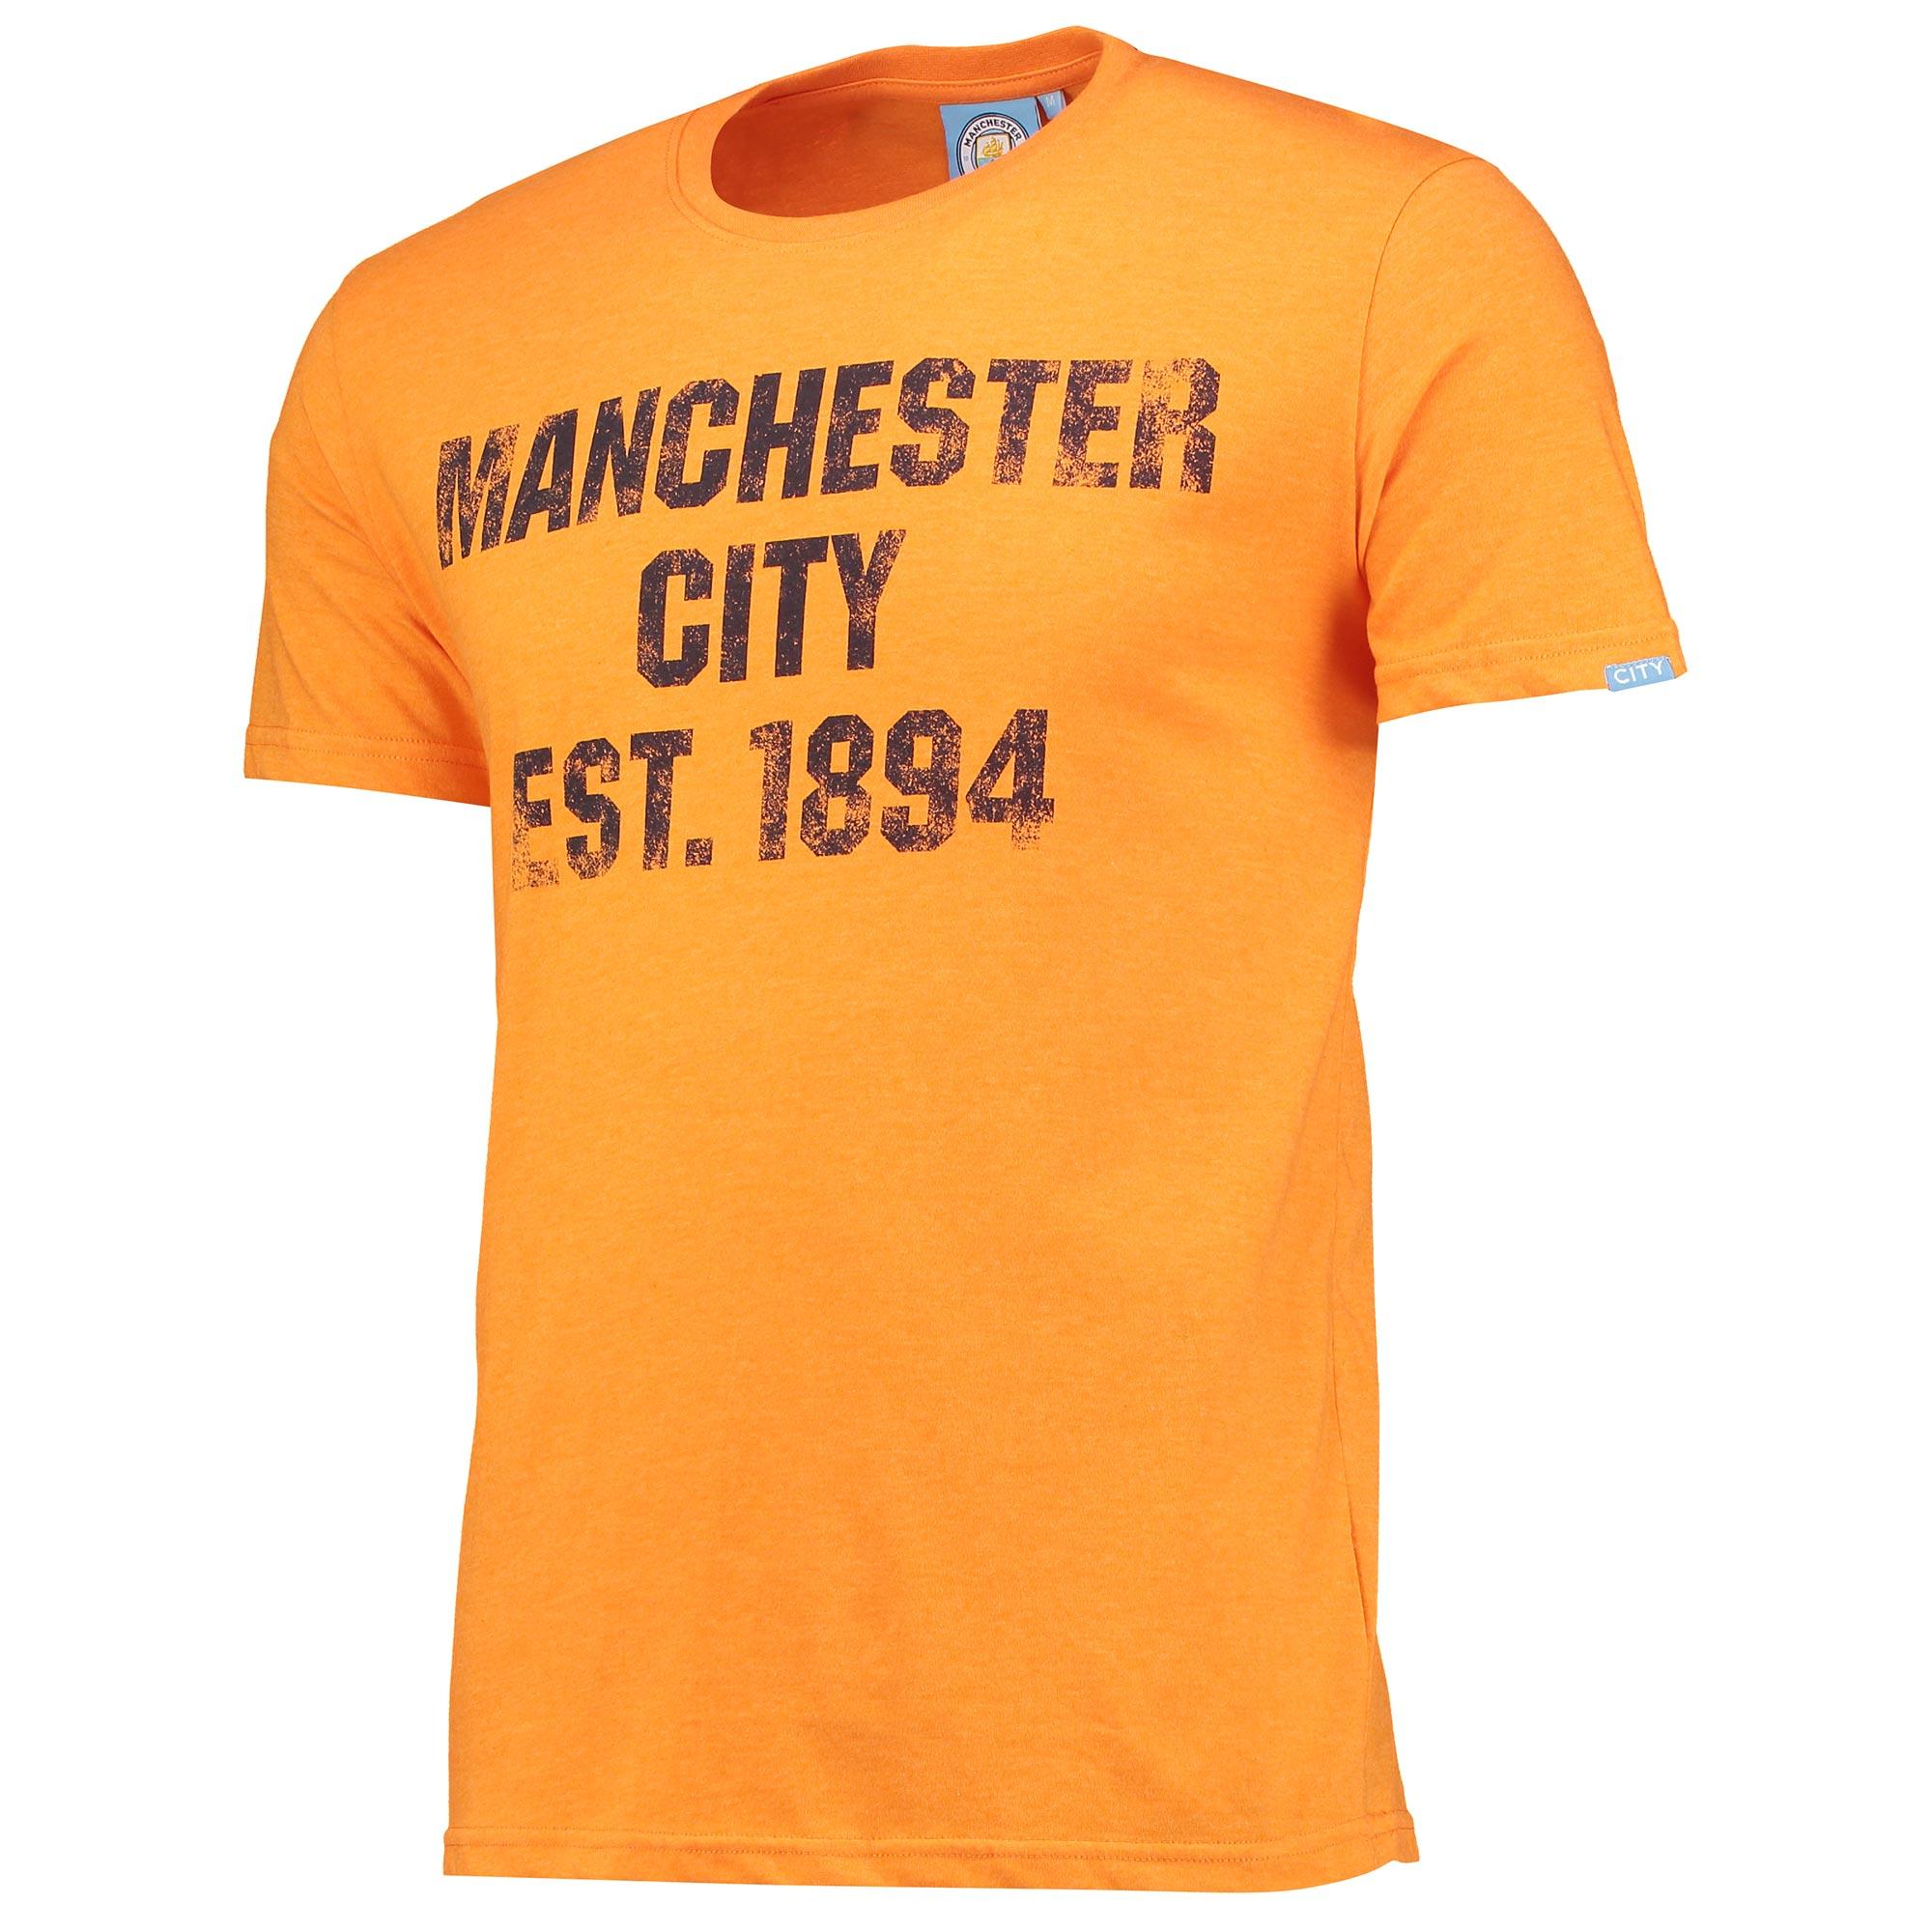 Manchester City Est T-Shirt - Orange